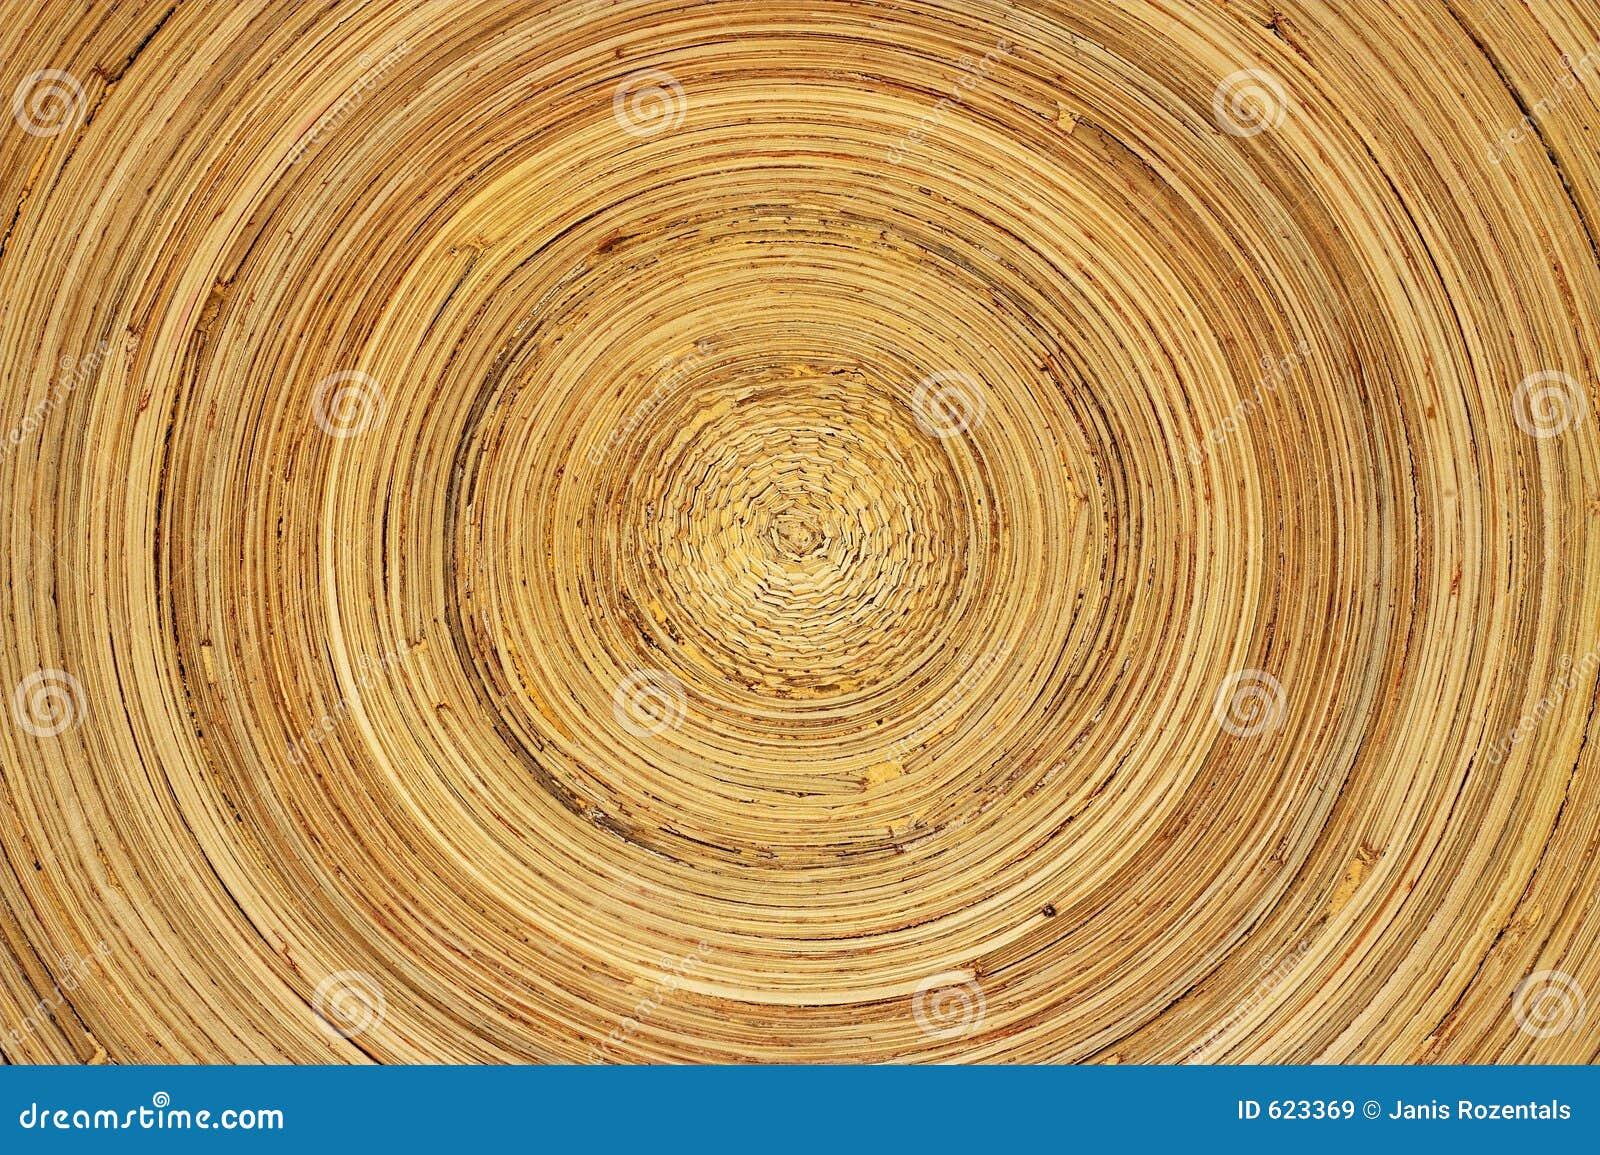 De schotel van het bamboe